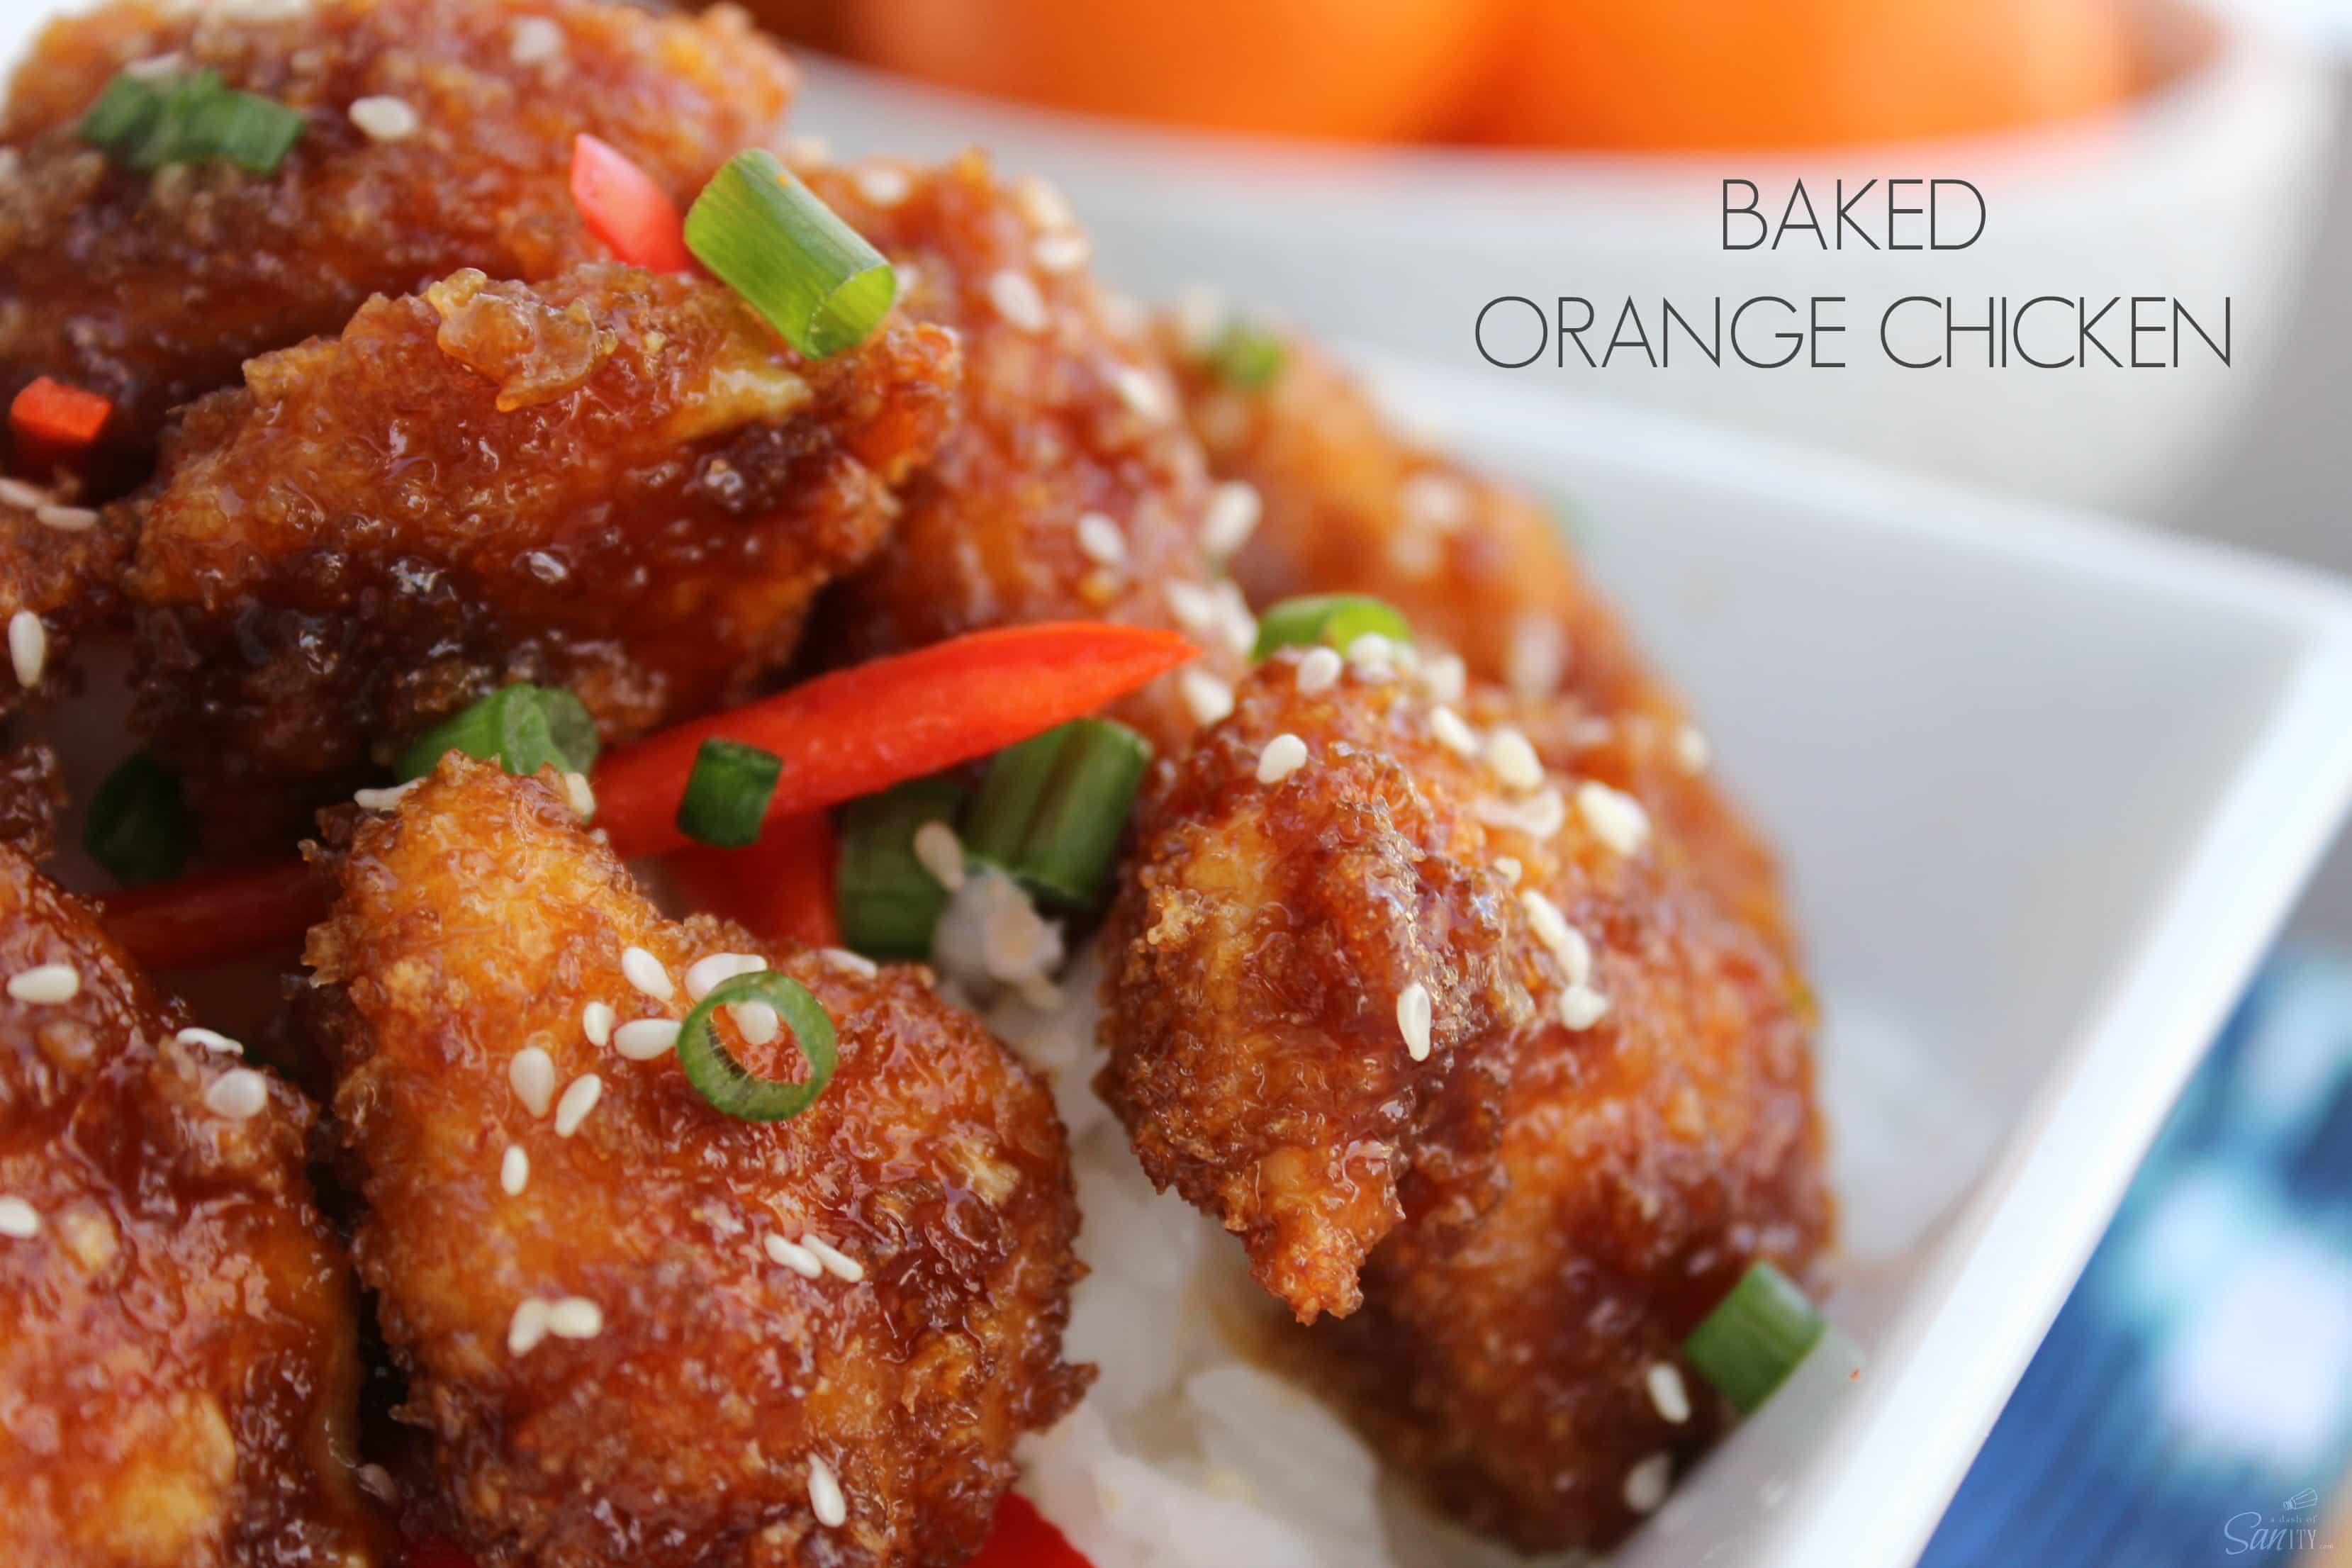 Baked Orange Chicken view